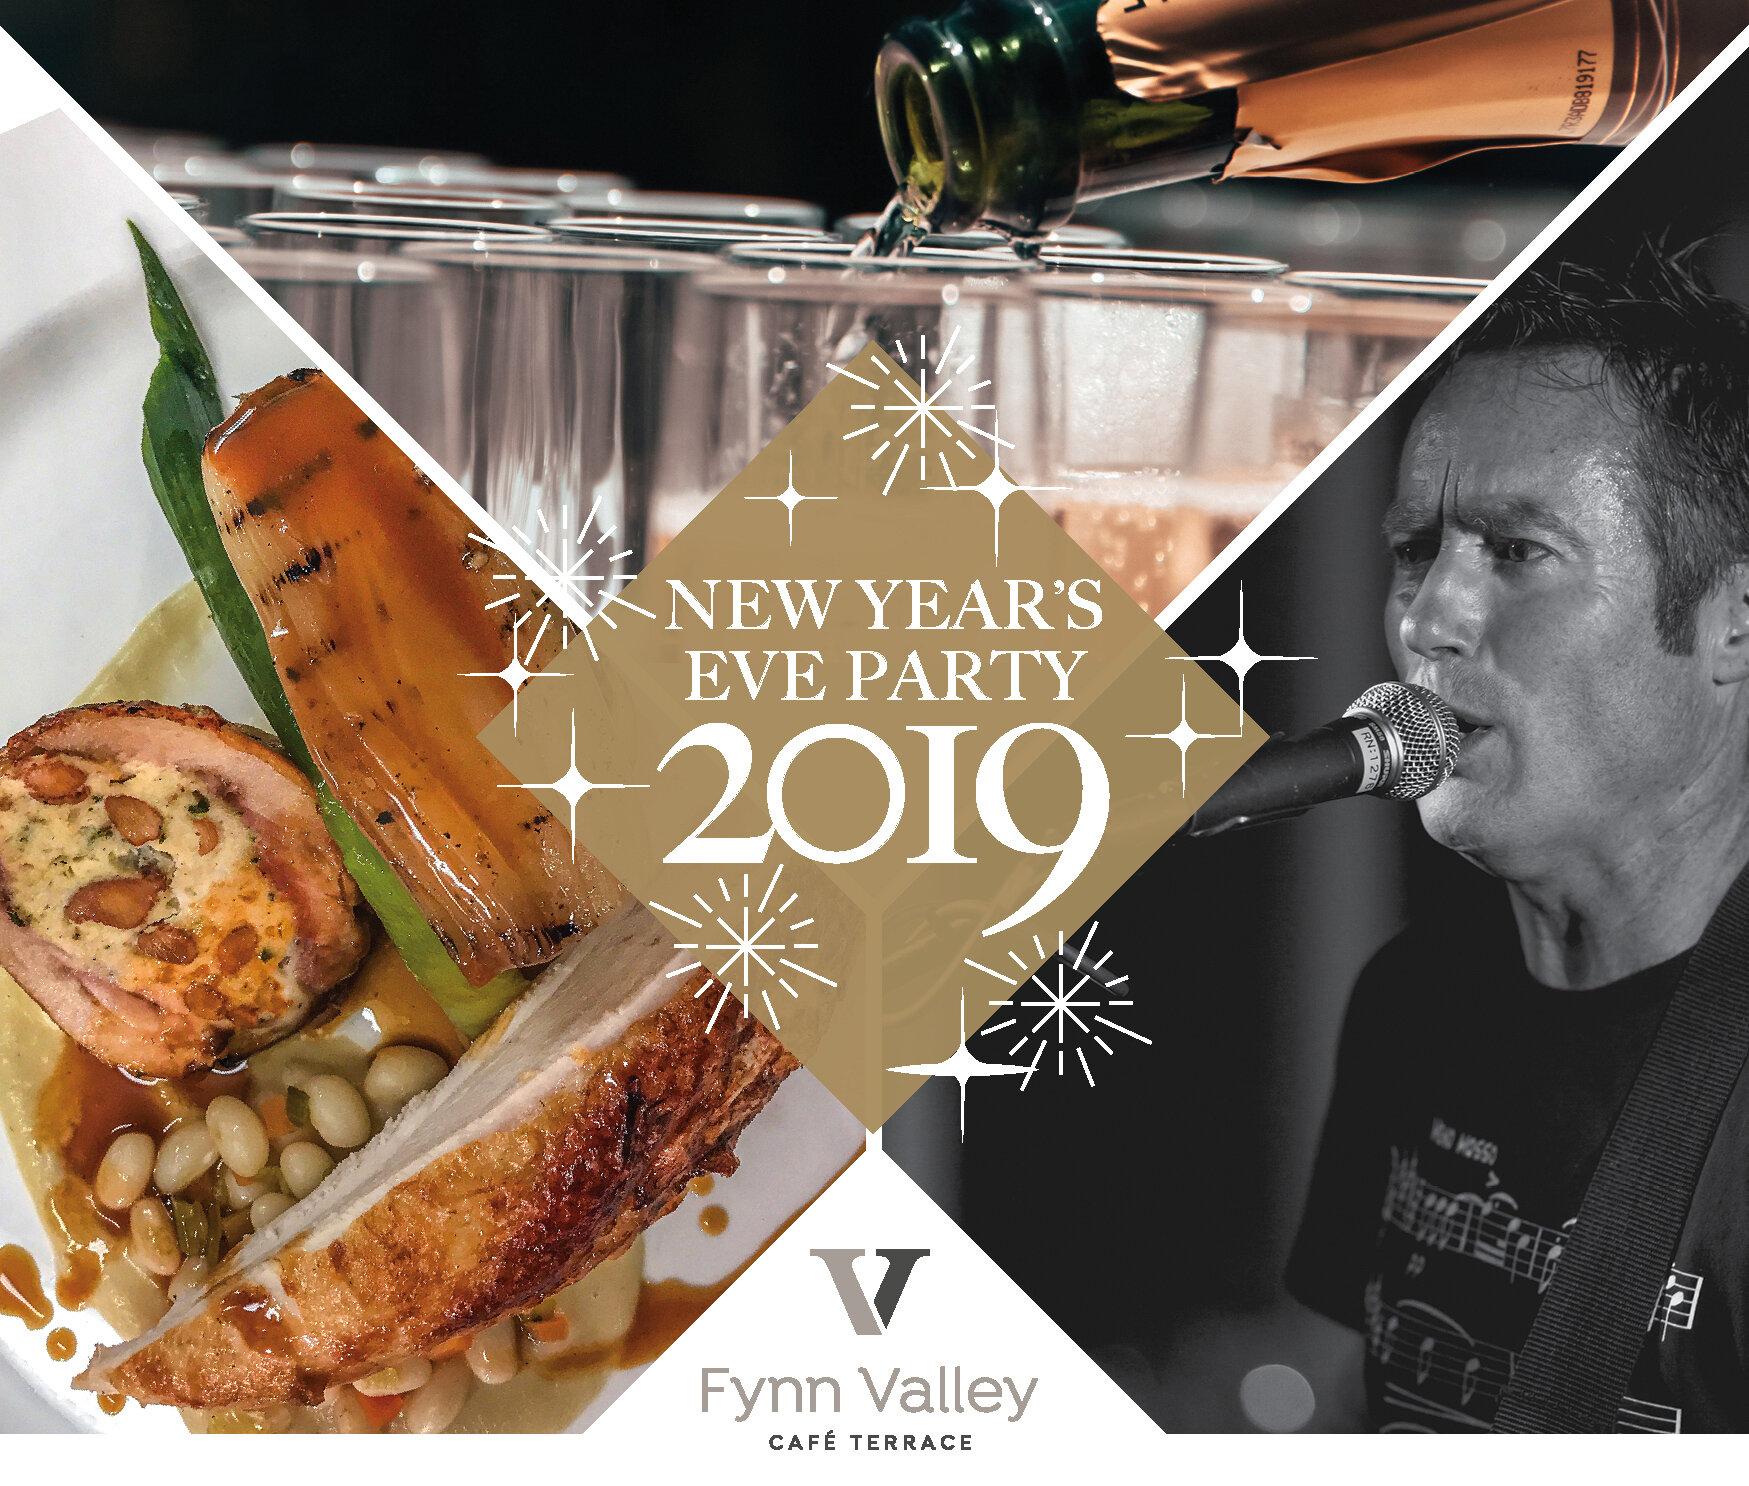 New years eve 2019 A5 flyer_v2 social2.jpg